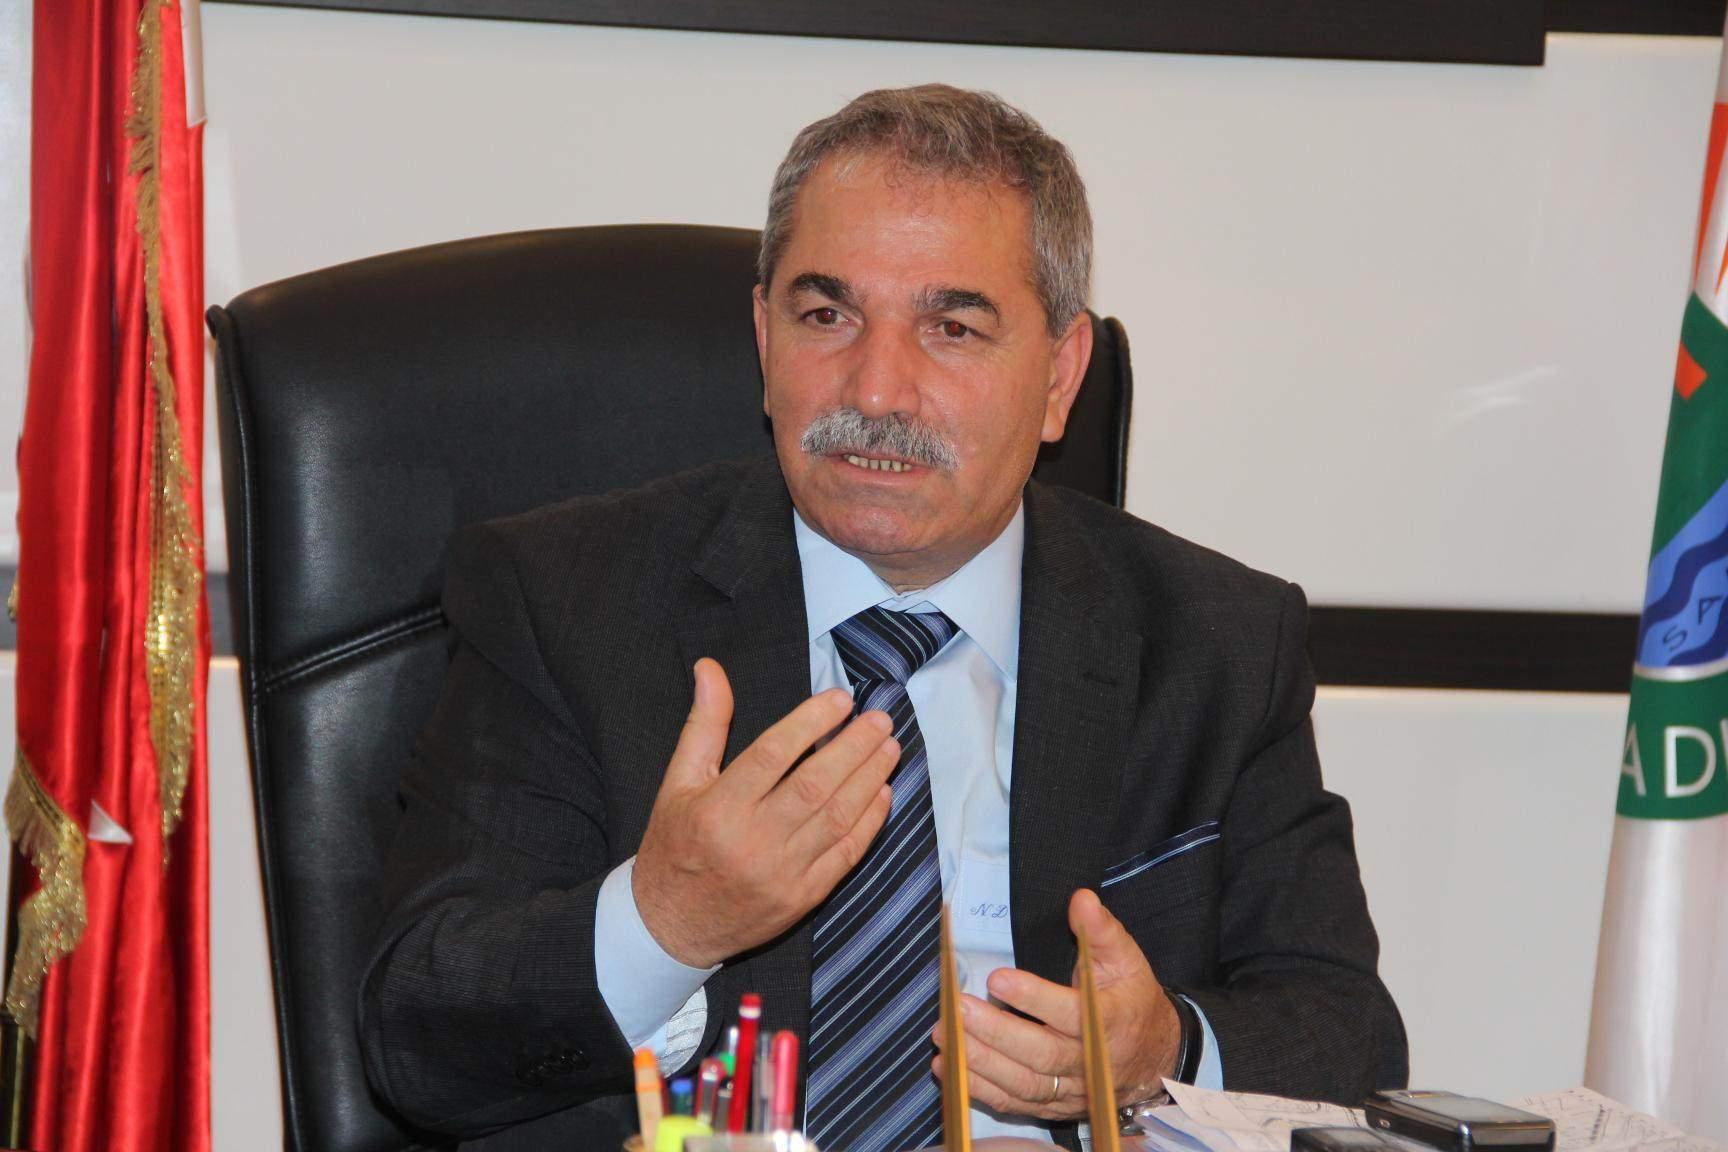 Başkan Demirtaş emlak ve ÇTV borçlarının ödenmesini istedi